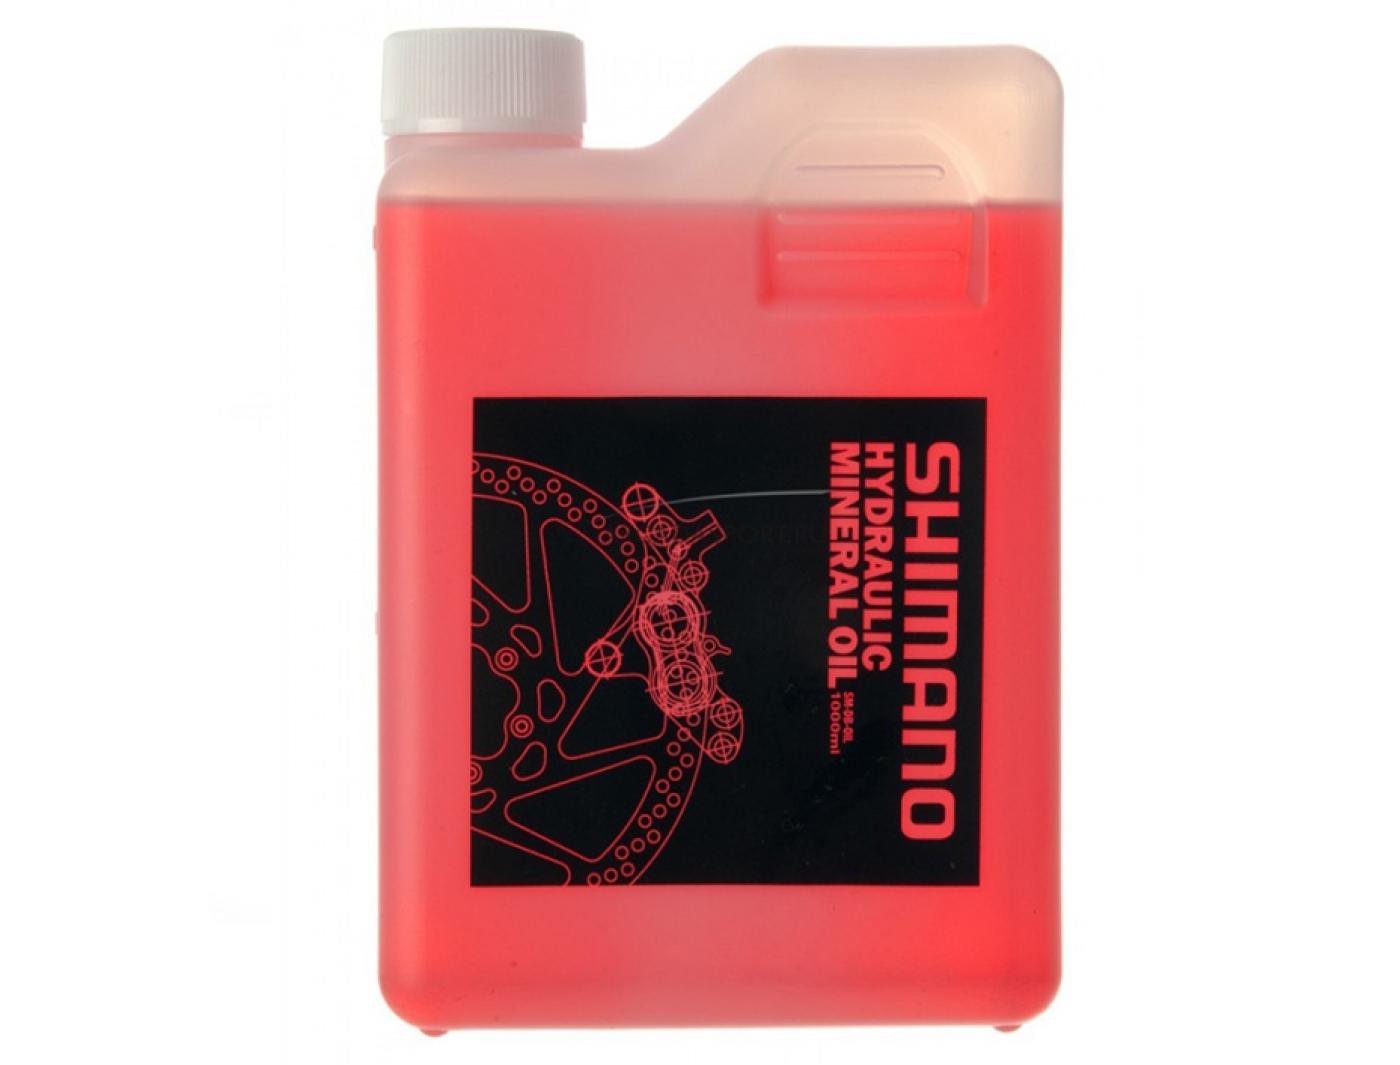 масло shimano, sm-db-oil, для диск торм, 1000мл